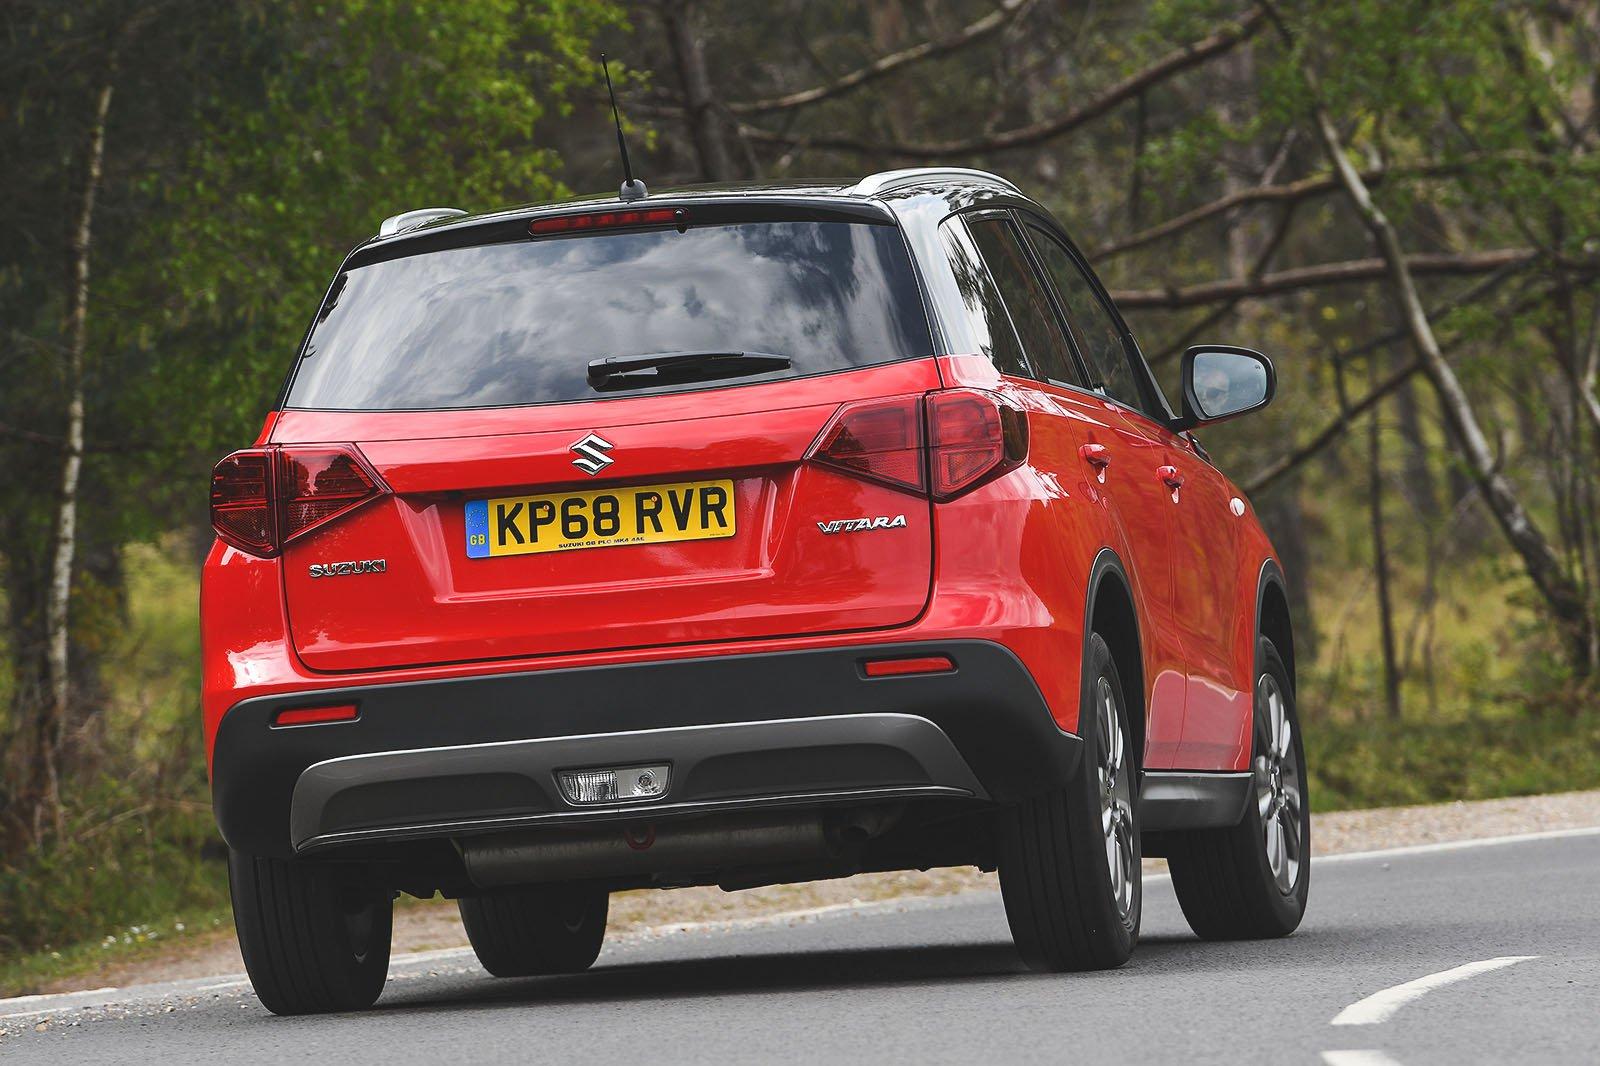 Suzuki Vitara rear